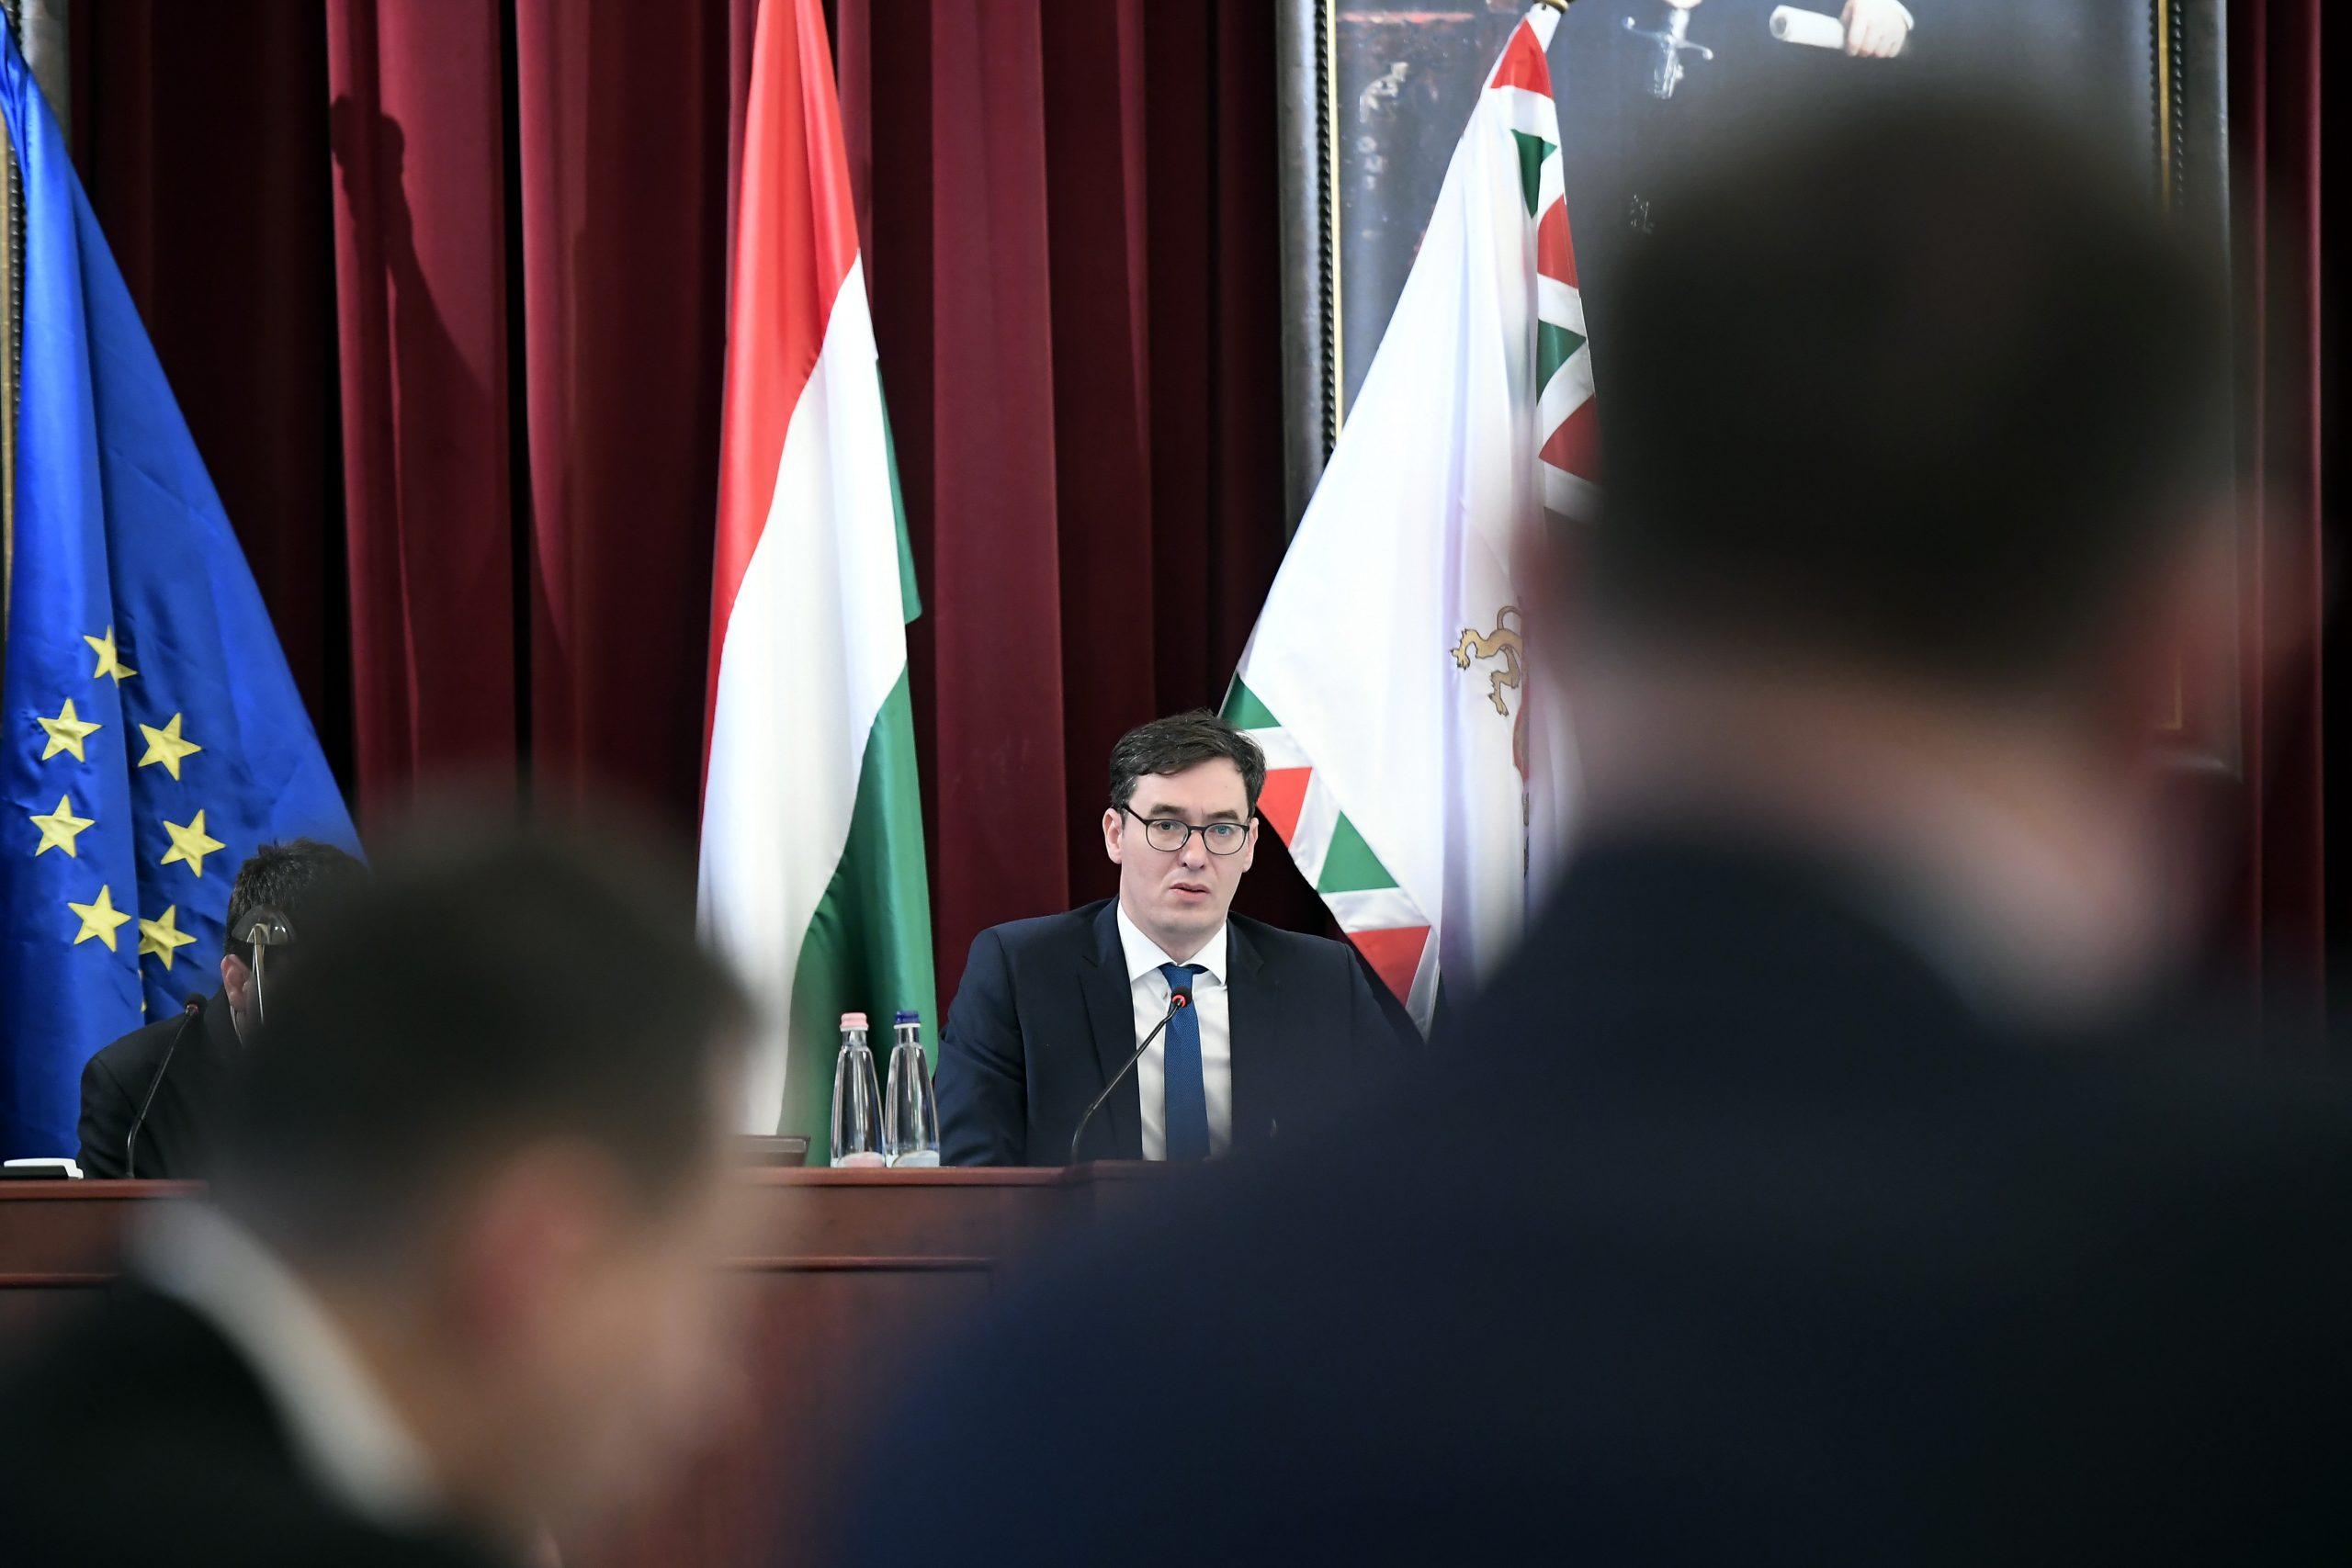 National Cohesion Day: Budapest Mayor Karácsony Marks 'Shared Trauma' of Trianon Treaty